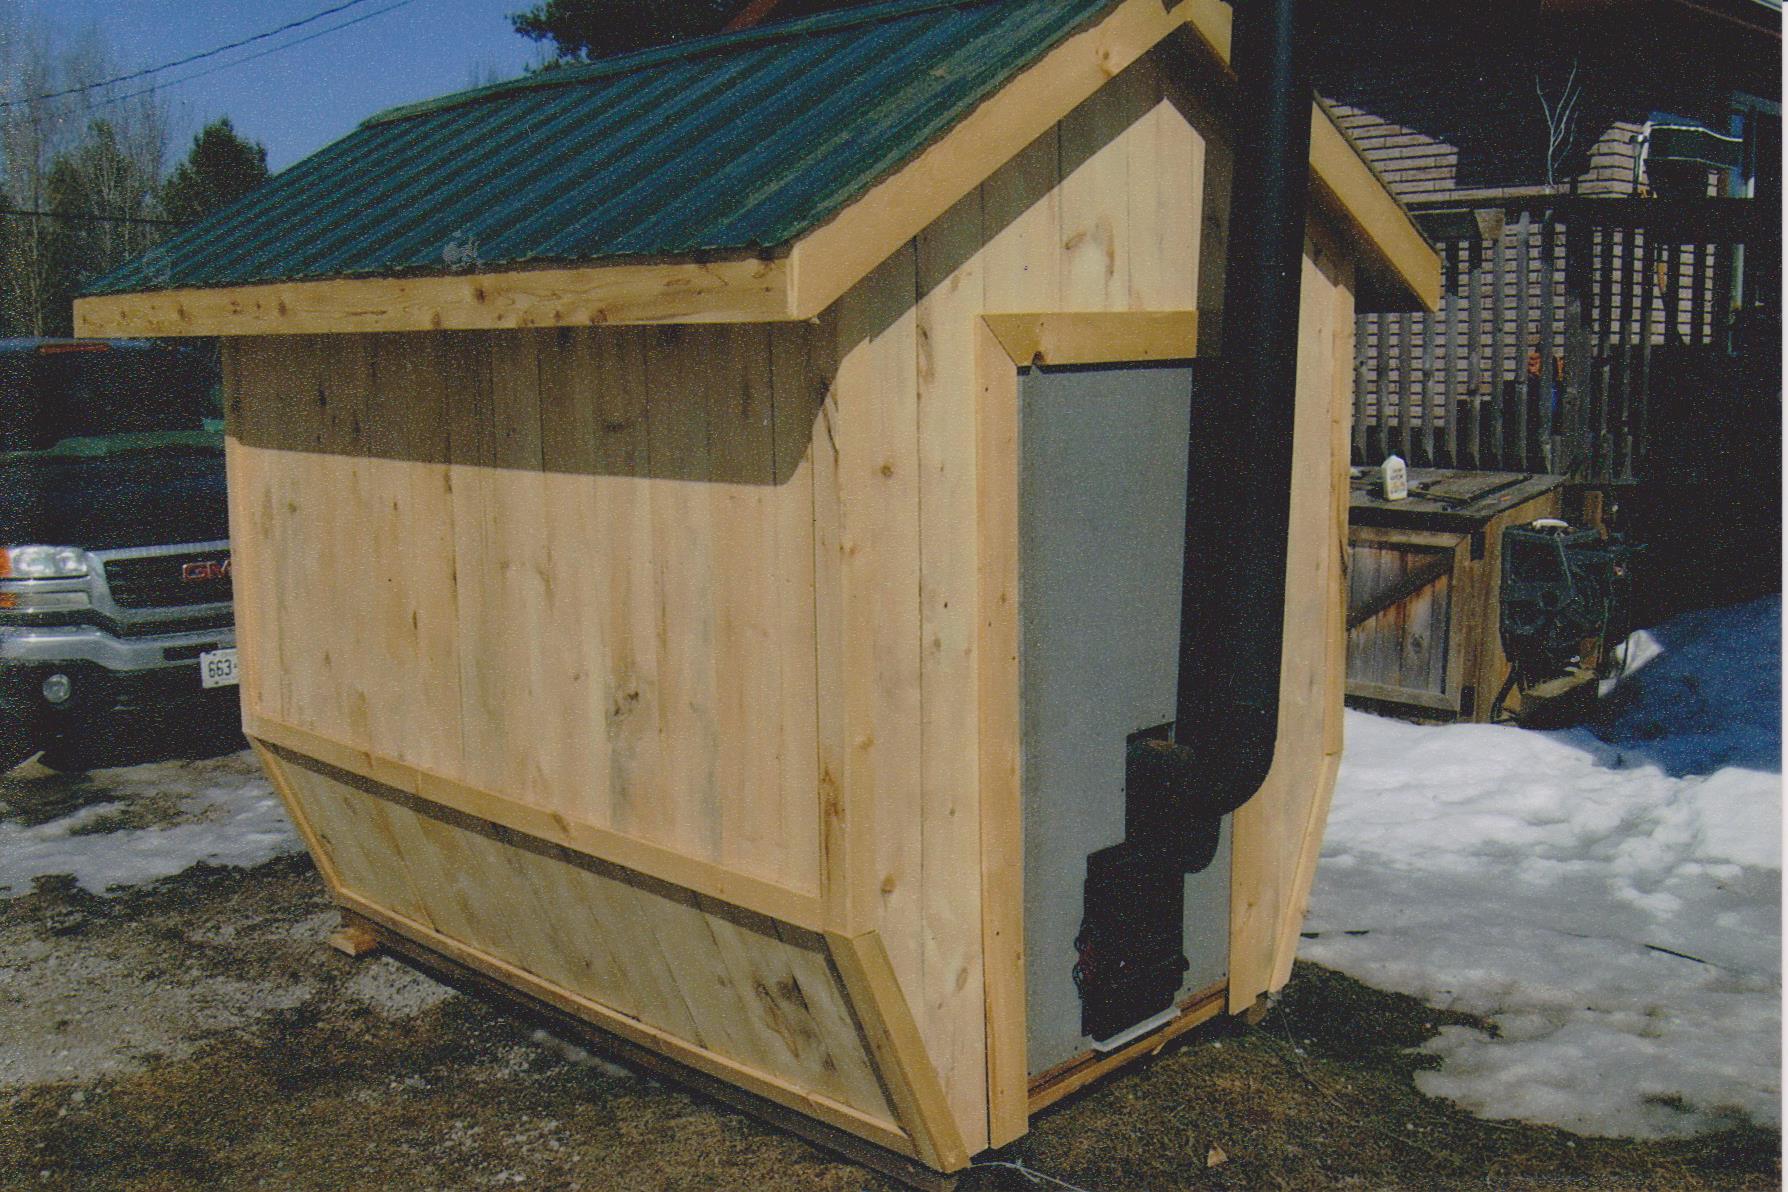 Outdoor sauna bing images for Sauna plans outdoor